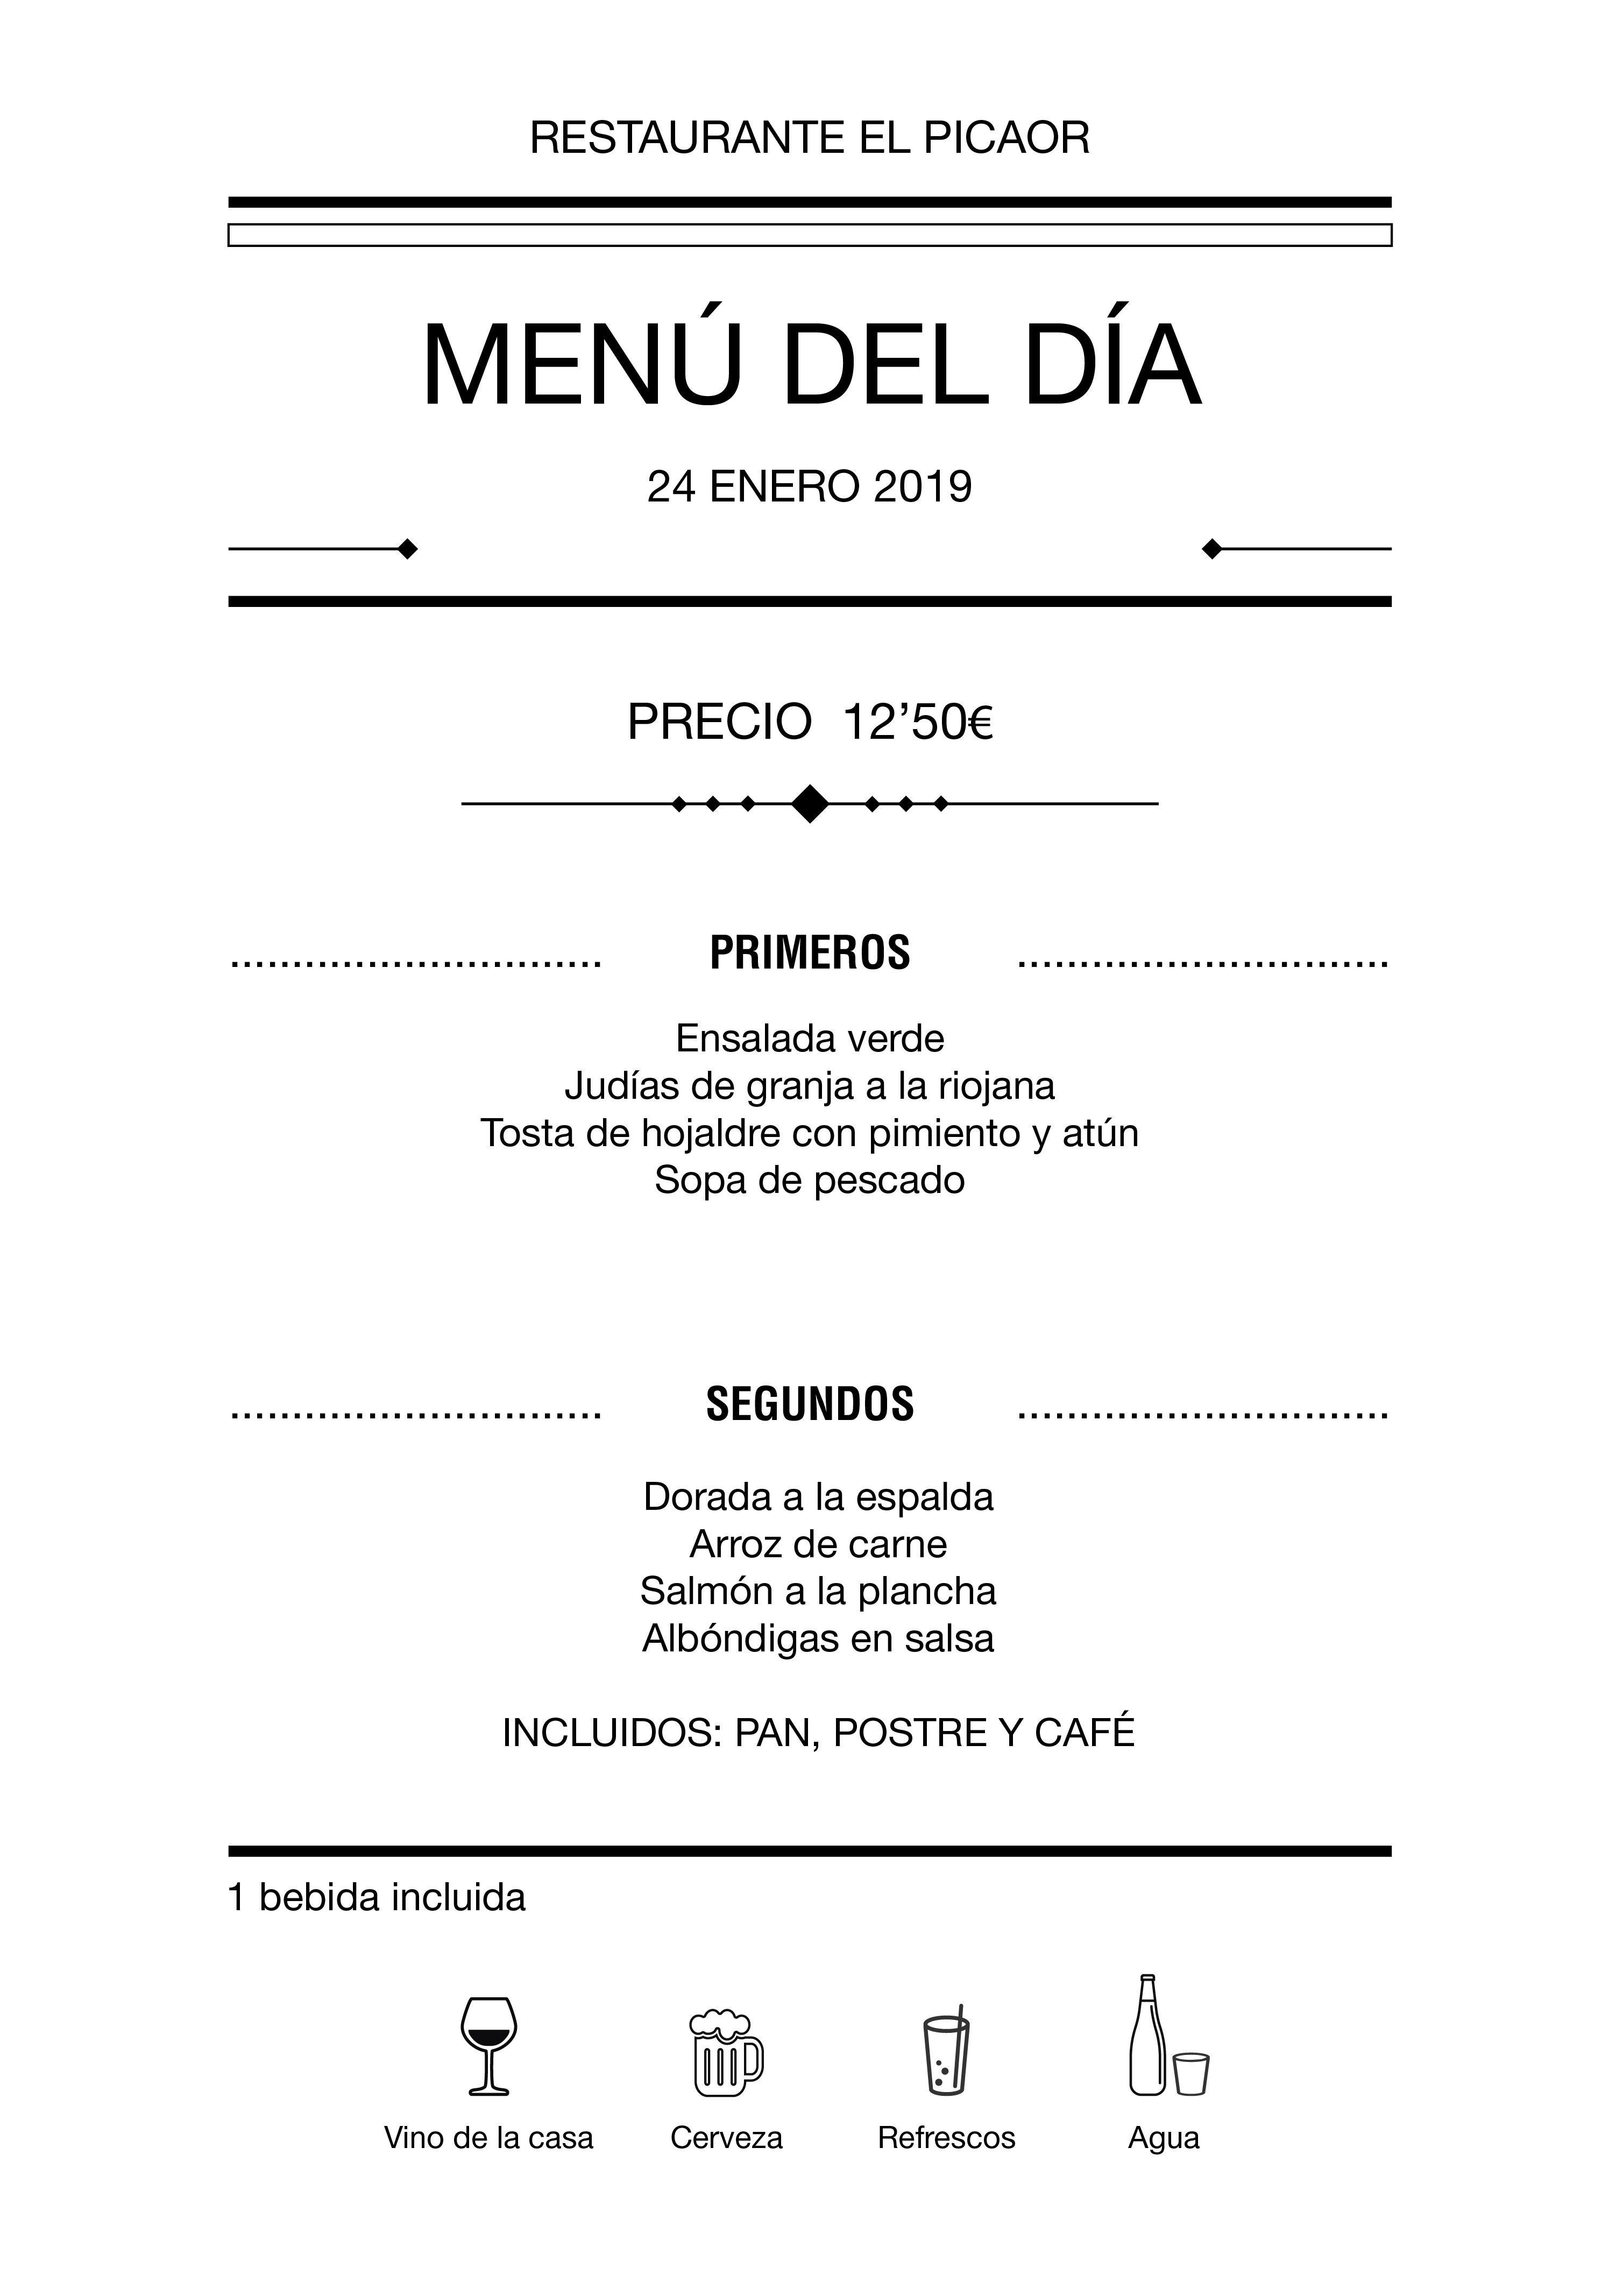 Menú diario El Picaor 24/01/19